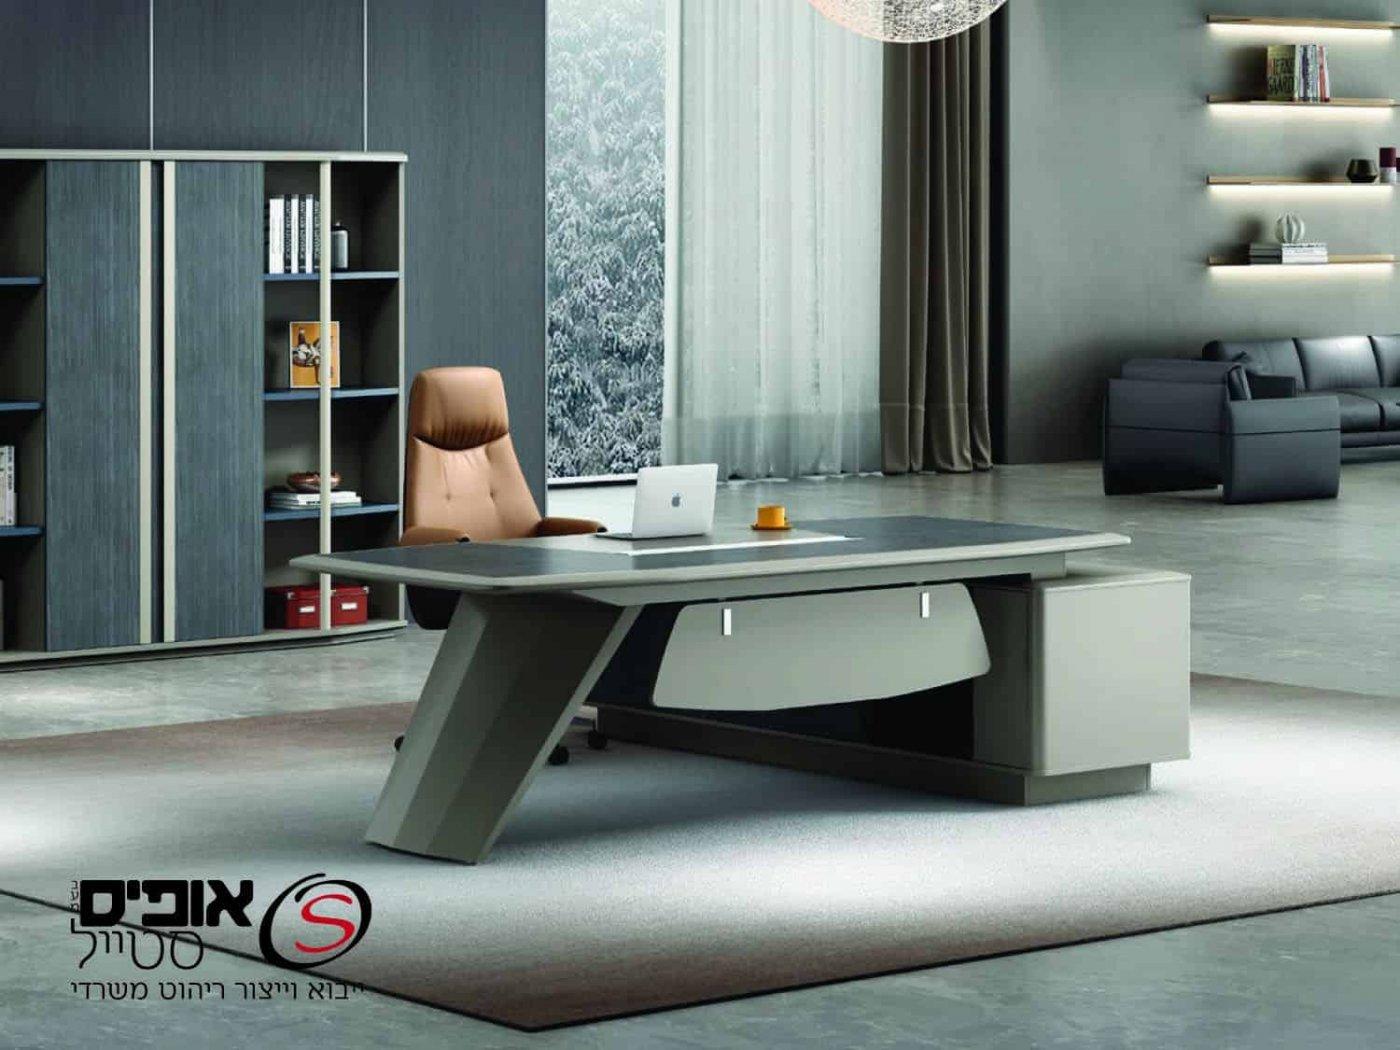 שולחן מנהל דגם מילאנו